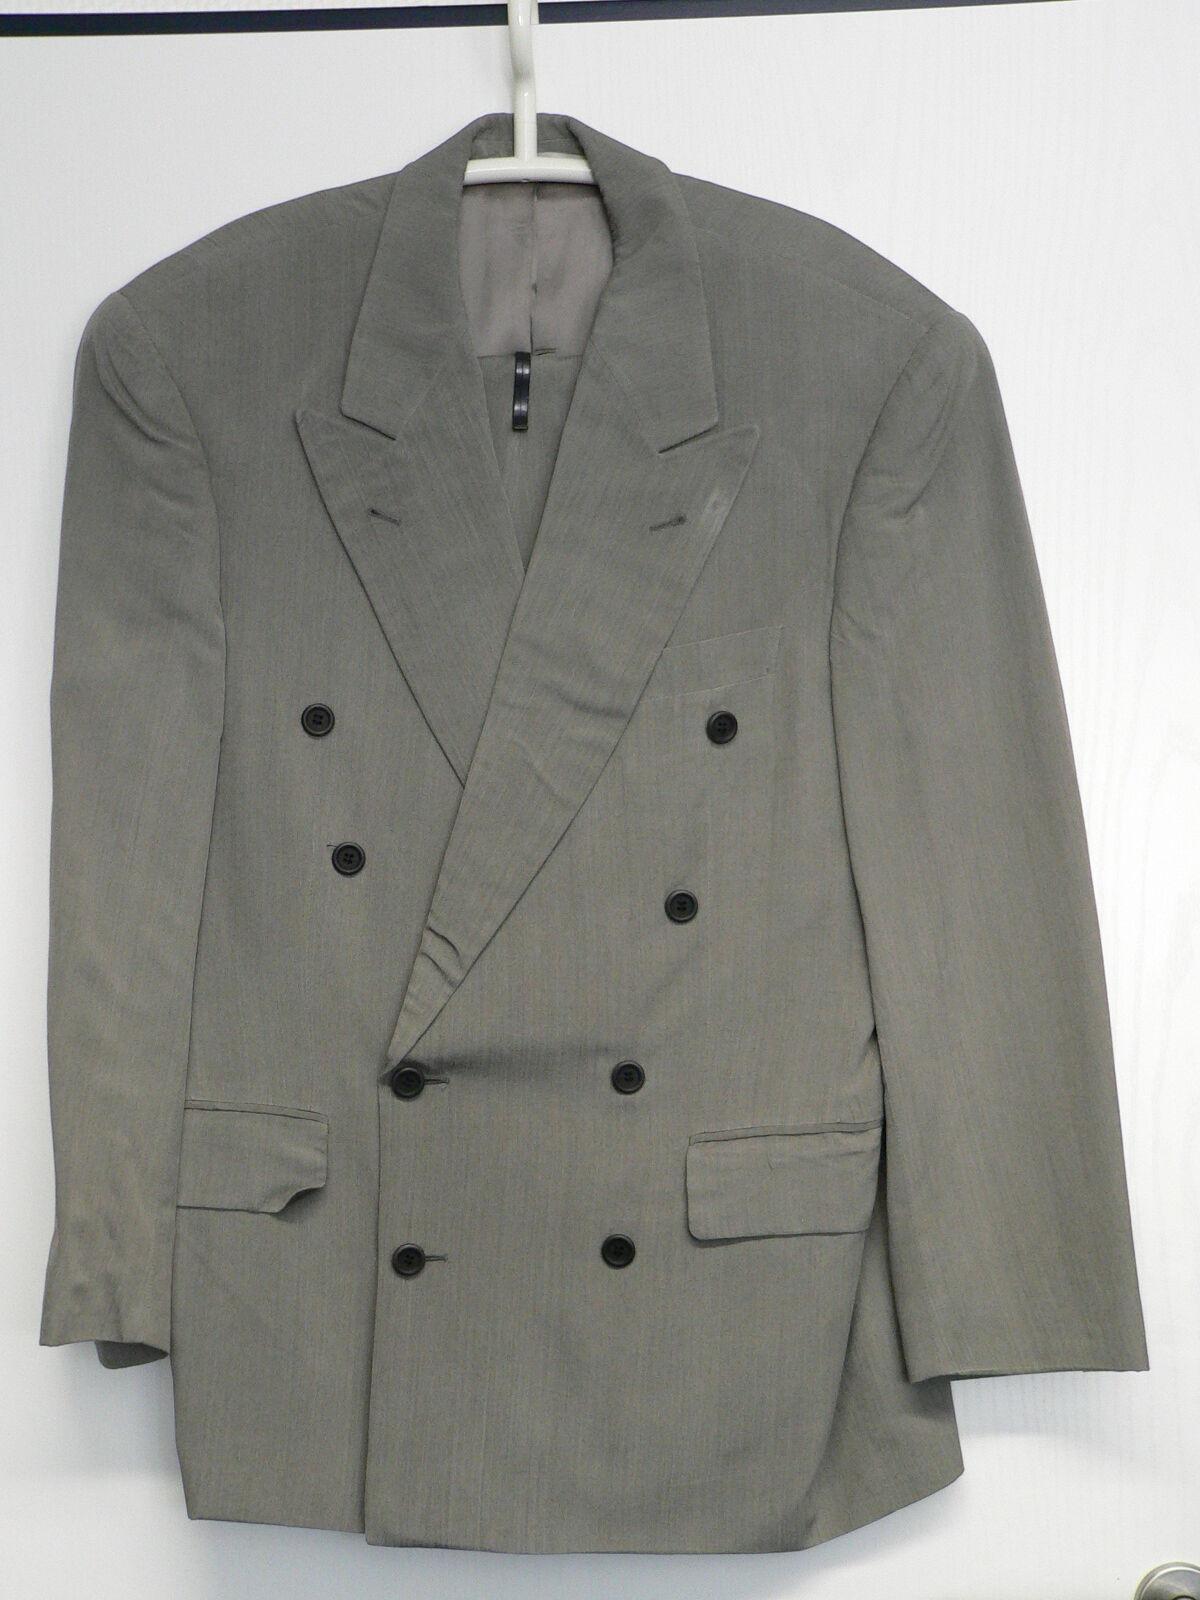 Herren Herren Herren Anzug, WINDSOR, Zweireiher, Seide+Viskose, Größe 46, hellgrau 7e6c29